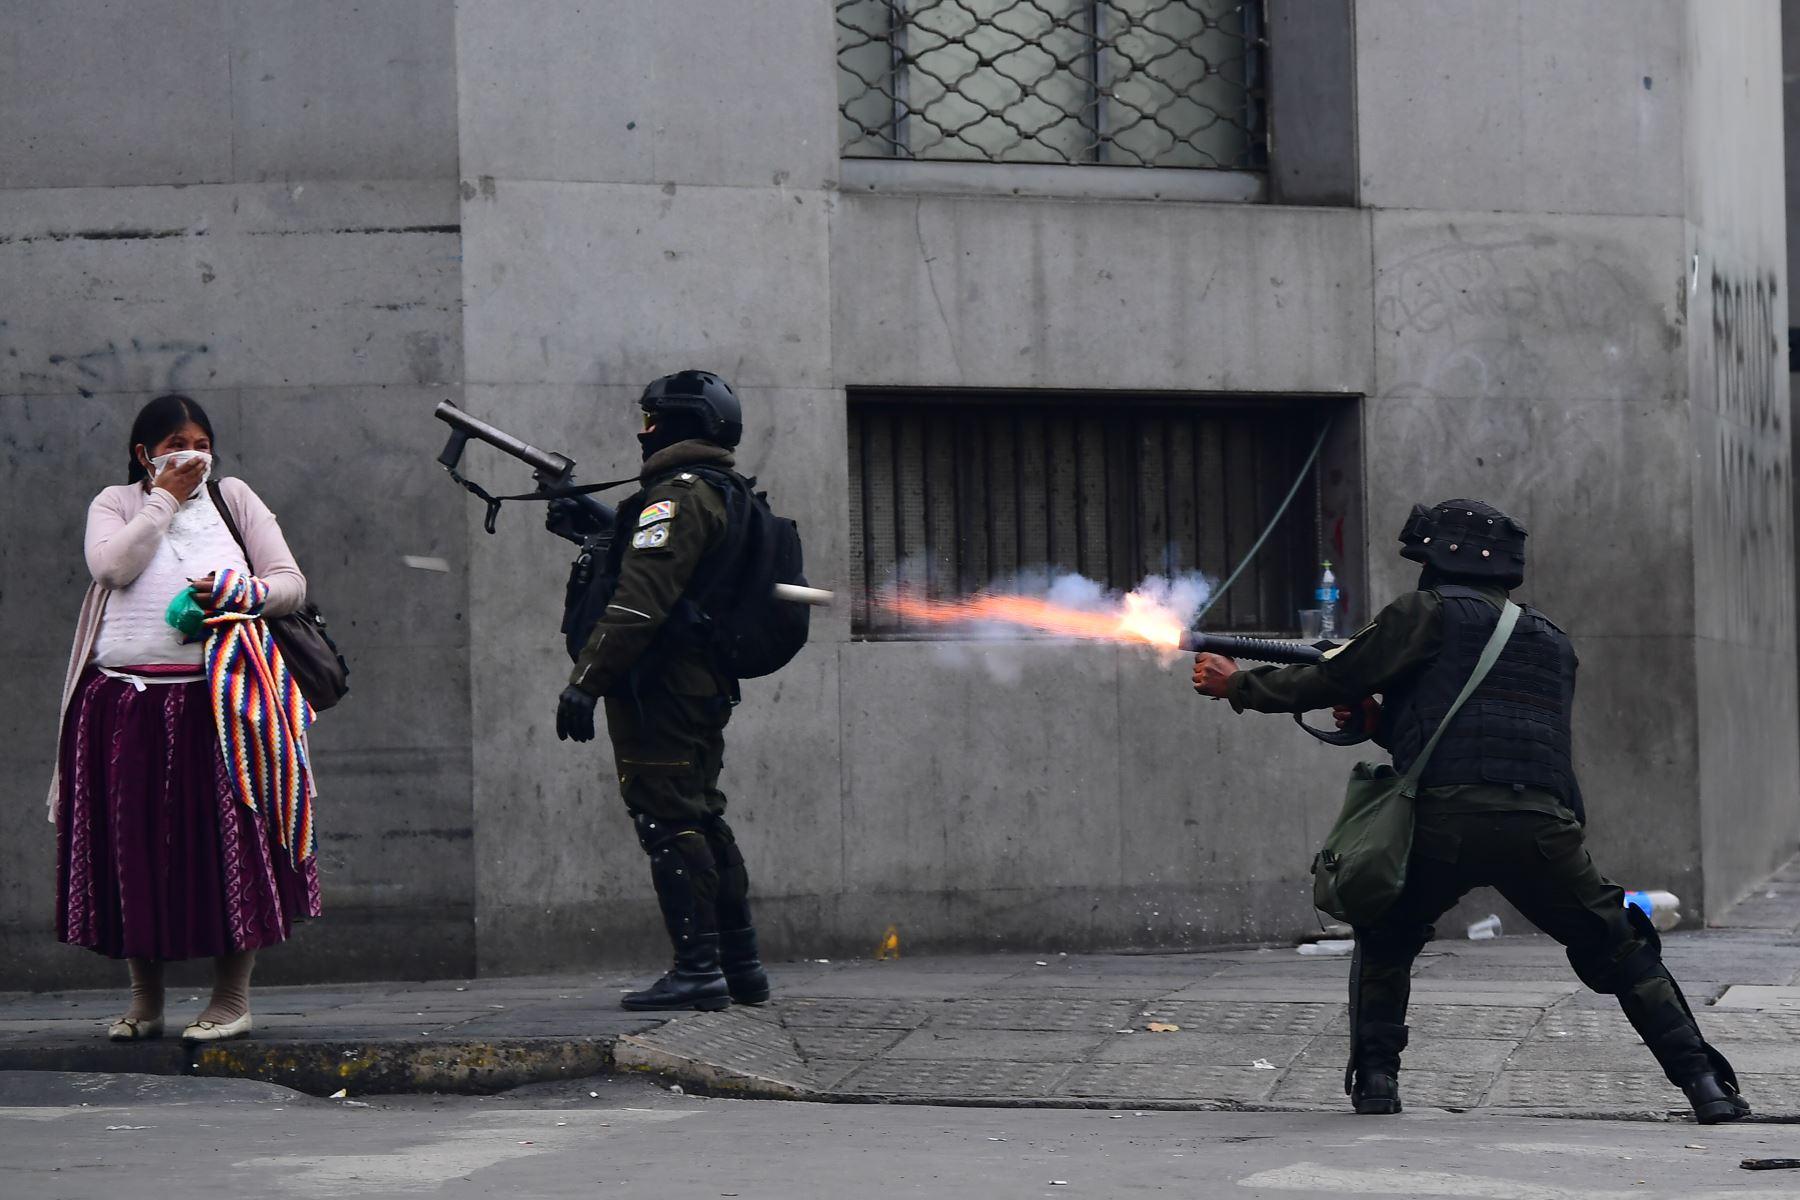 La policía antidisturbios disparó gases lacrimógenos para dispersar a los partidarios del ex presidente boliviano Evo Morales durante una protesta en La Paz. Foto: AFP